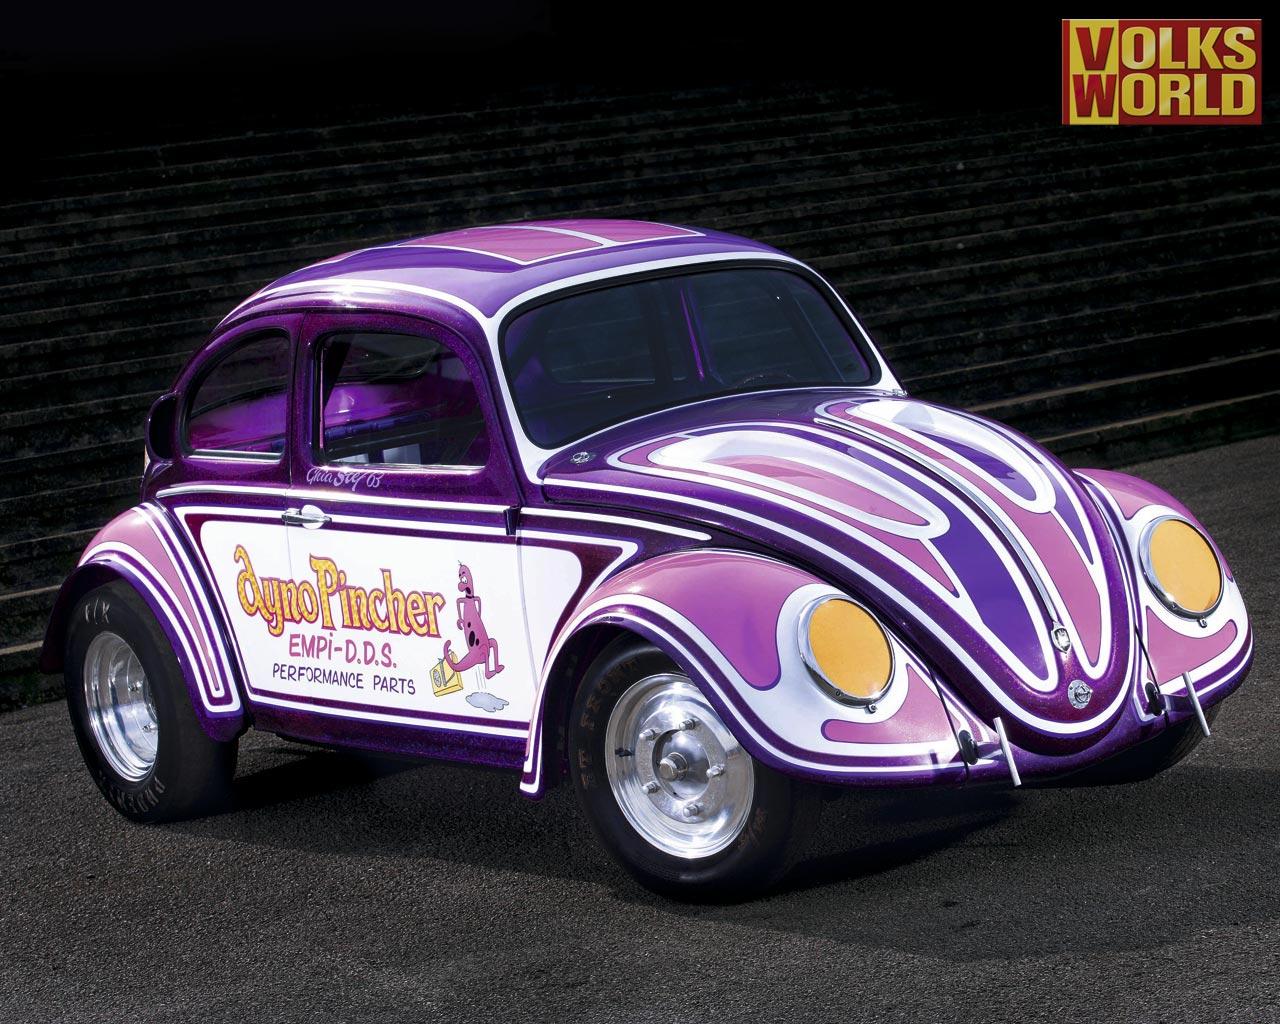 download Volkswagen Beetle Wallpapers Vdub Newscom [1280x1024 1280x1024